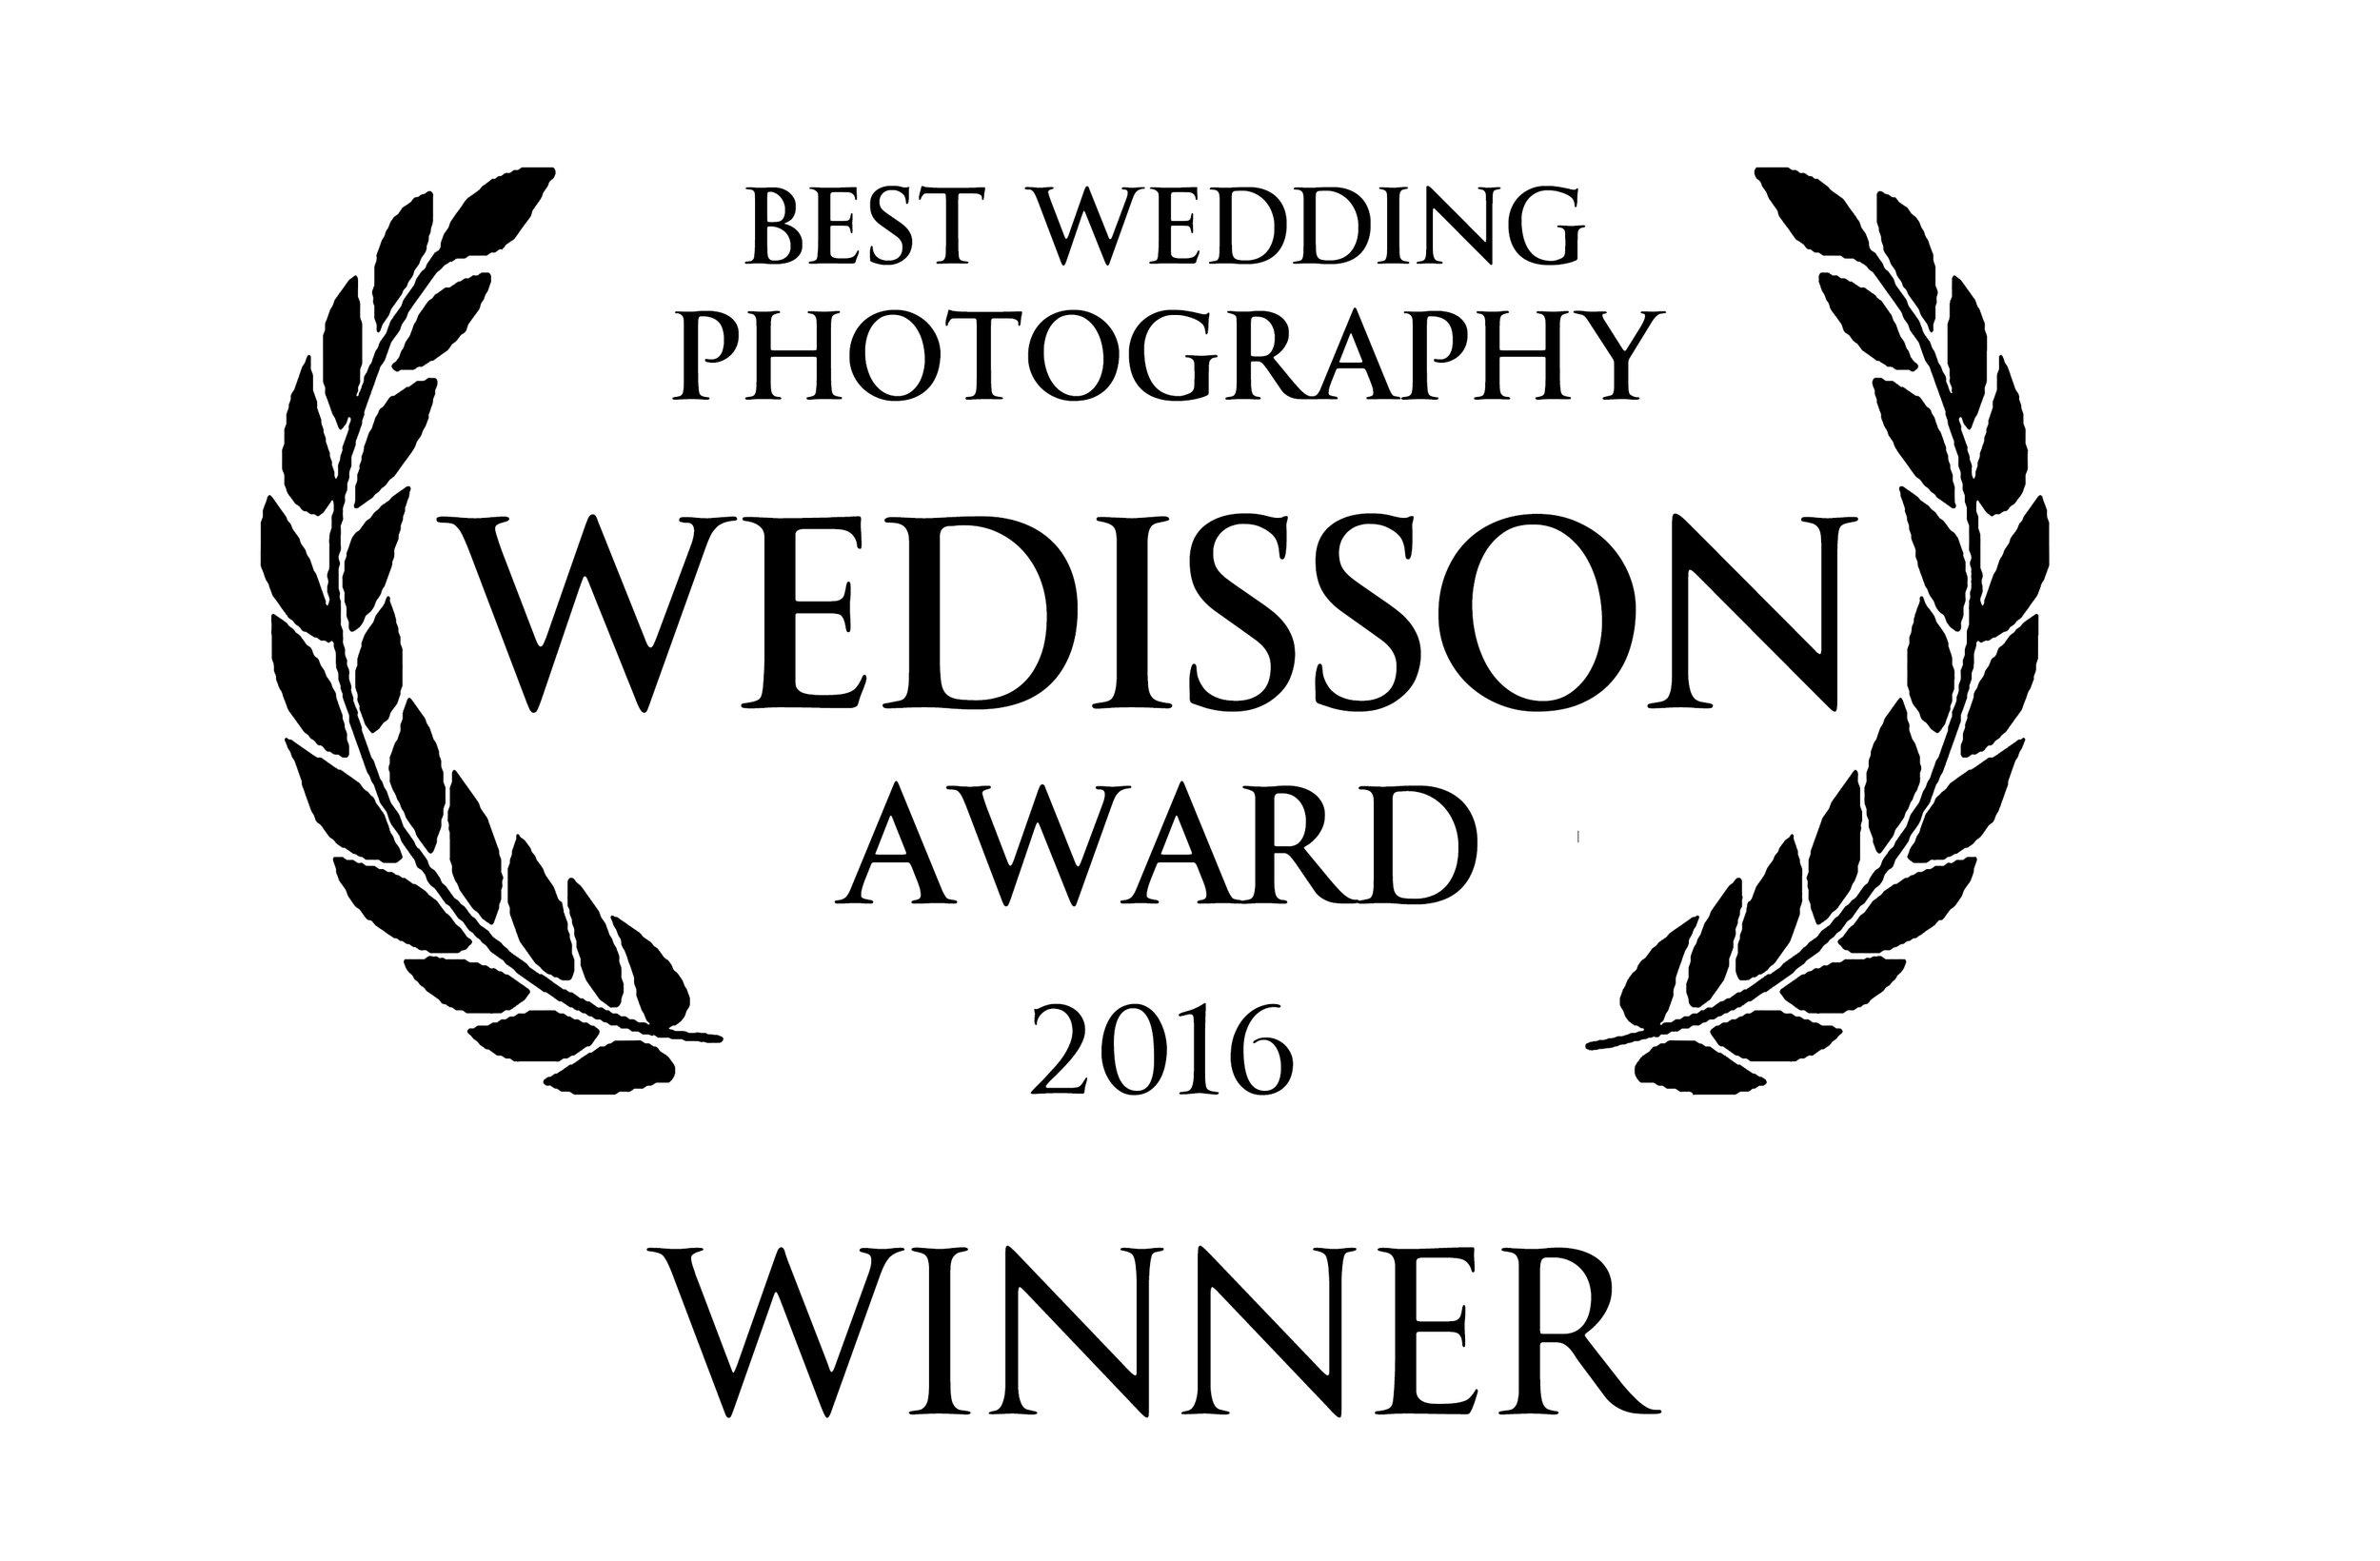 wedisson-award-bruidsfotograaf